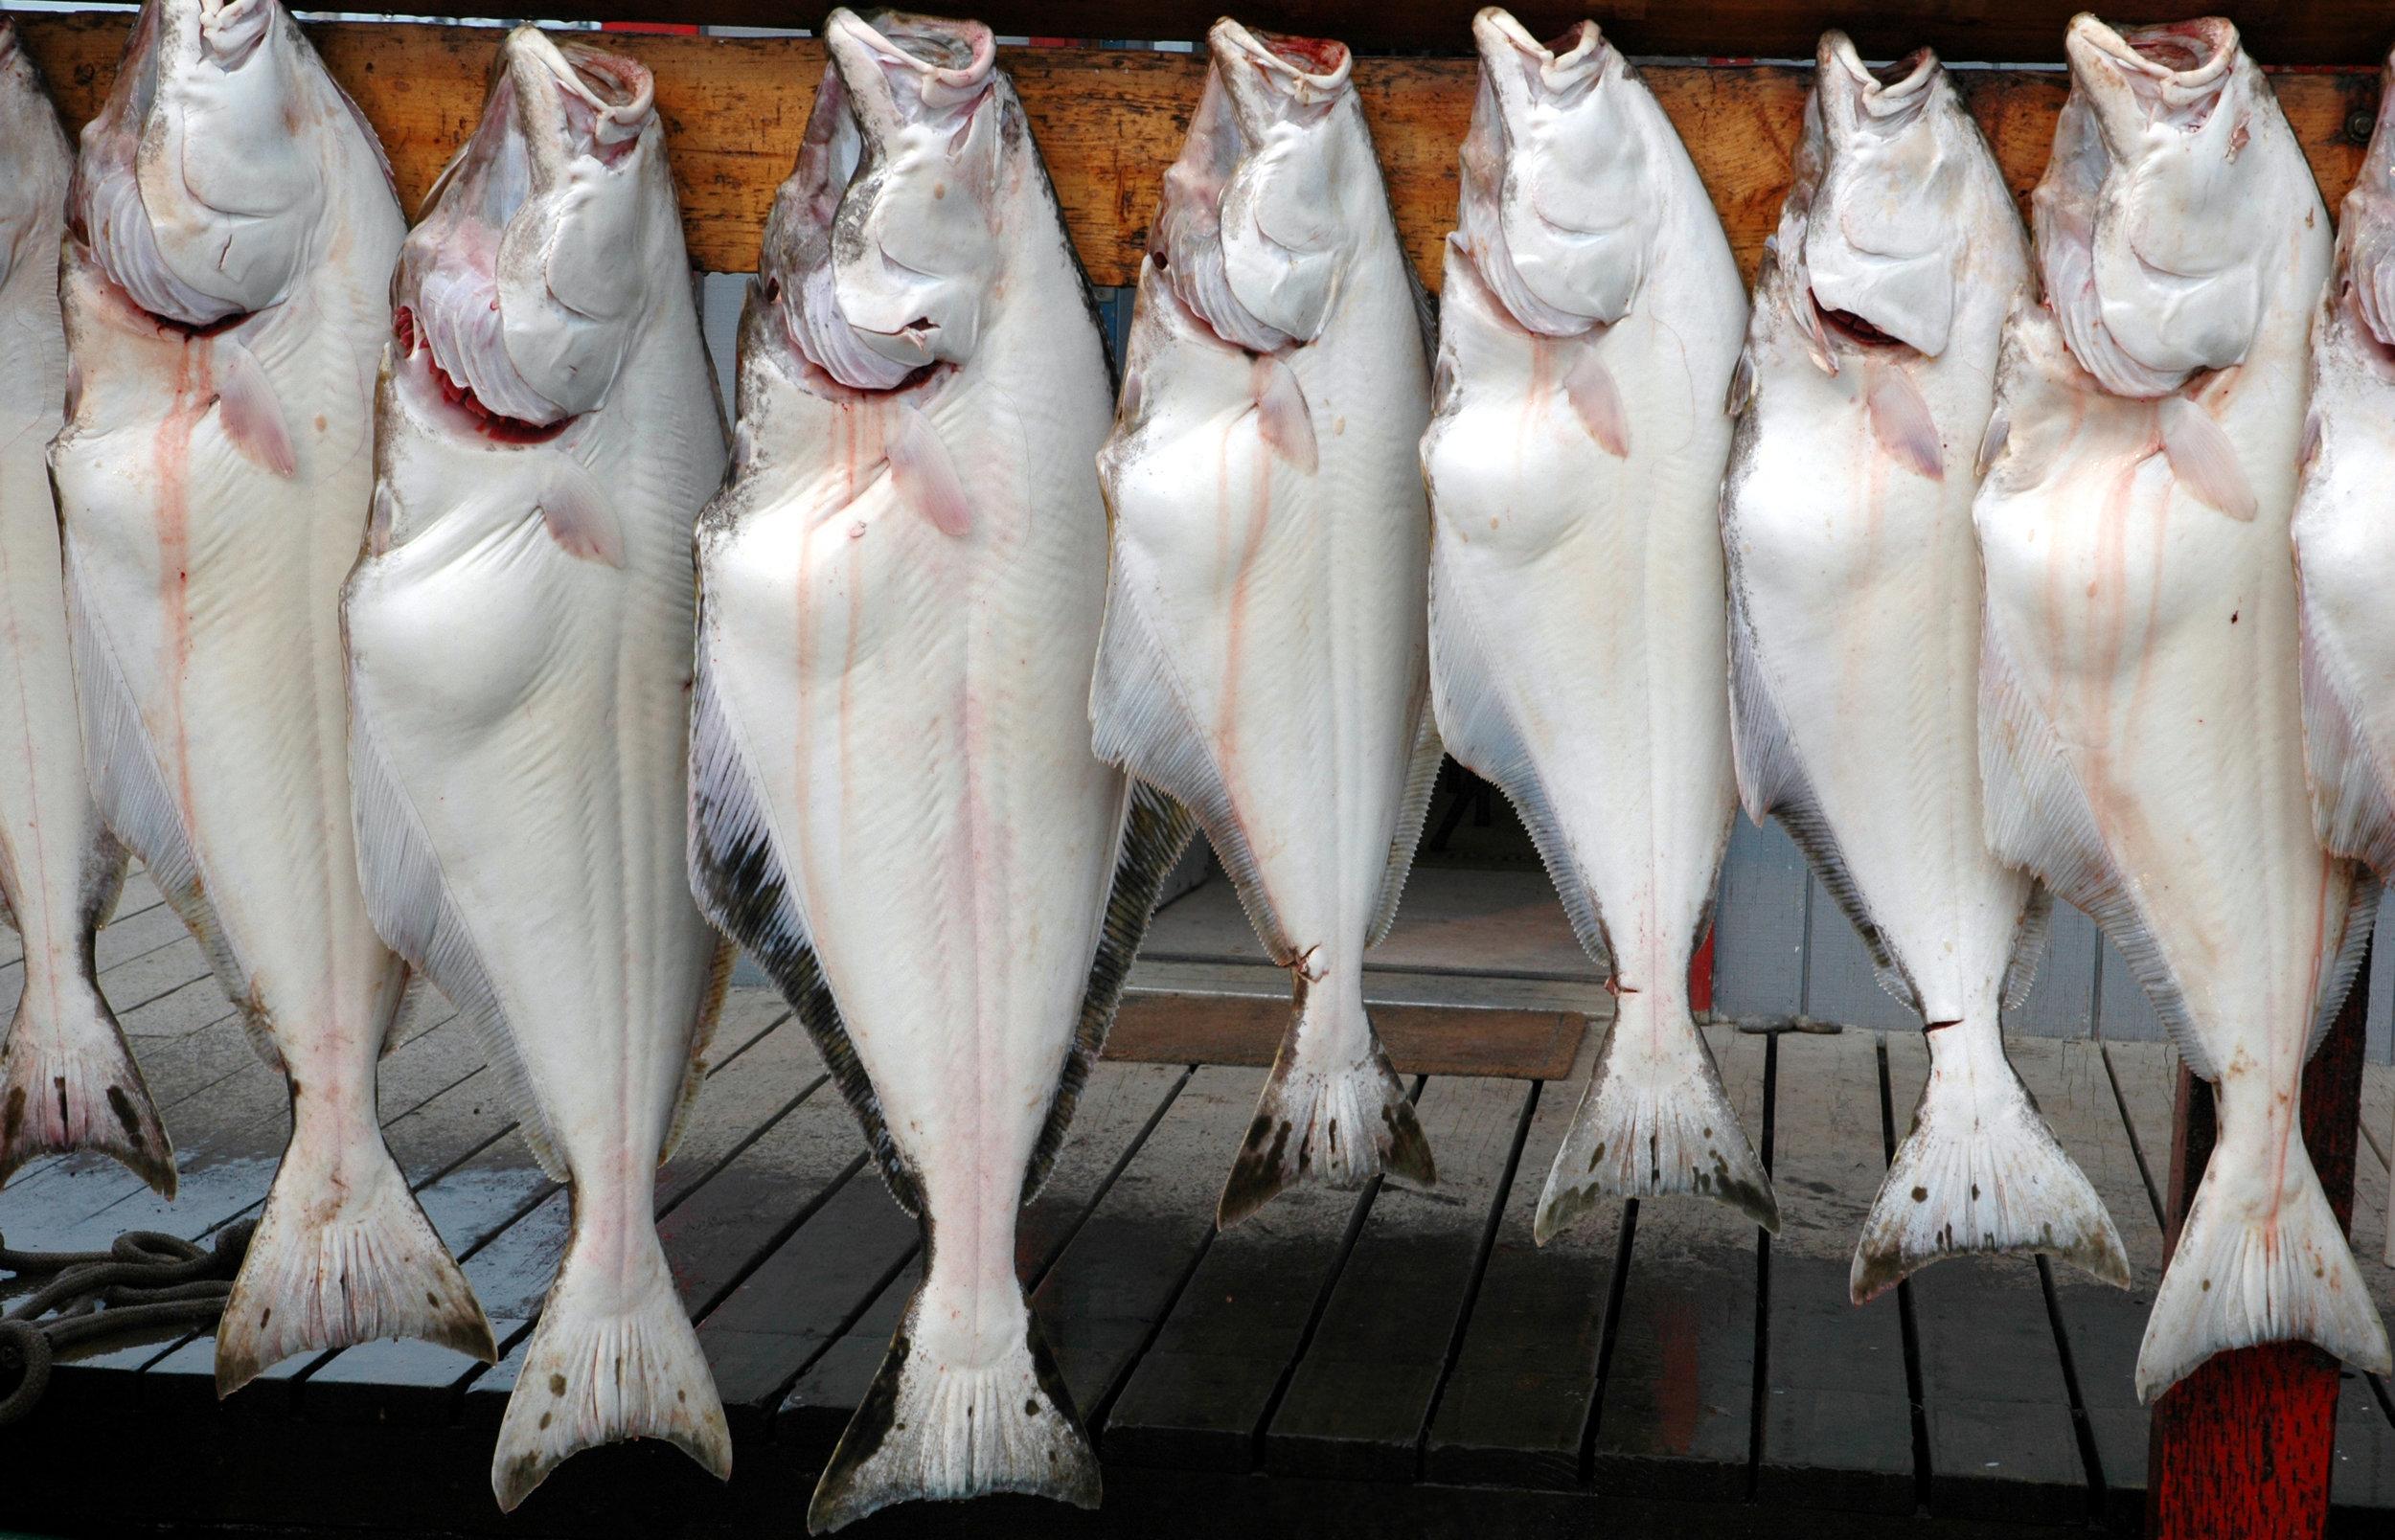 Kalvi er dýrur fiskur, og tí verður nógv roynt eftir honum.Mynd: Savnsmynd / iStockphoto